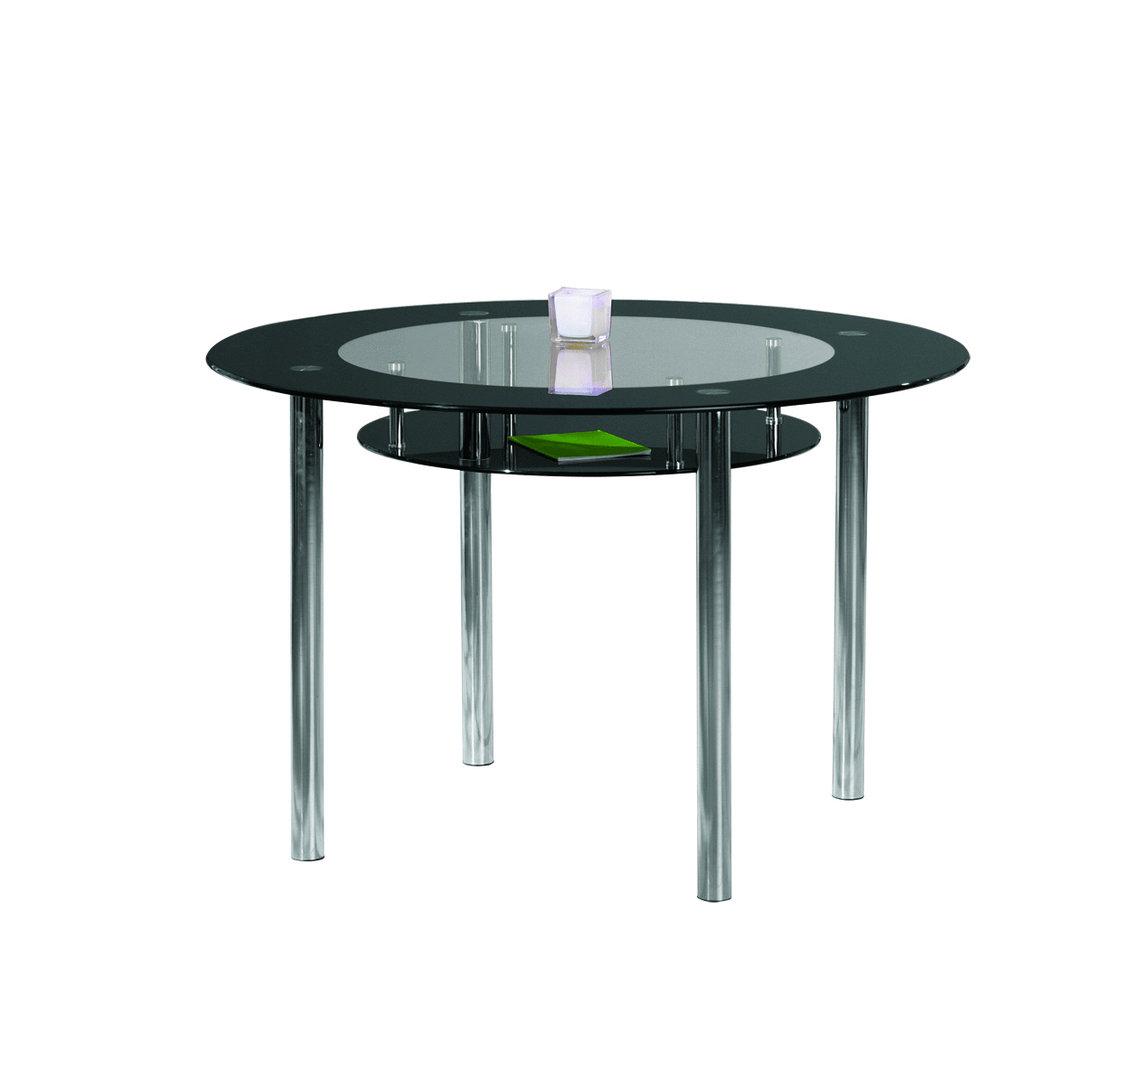 Glass Tavolo Moderno In Vetro Tavolo In Due Modelli Per Cucina #36780F 1130 1080 Tavolo Sala Da Pranzo Rotondo